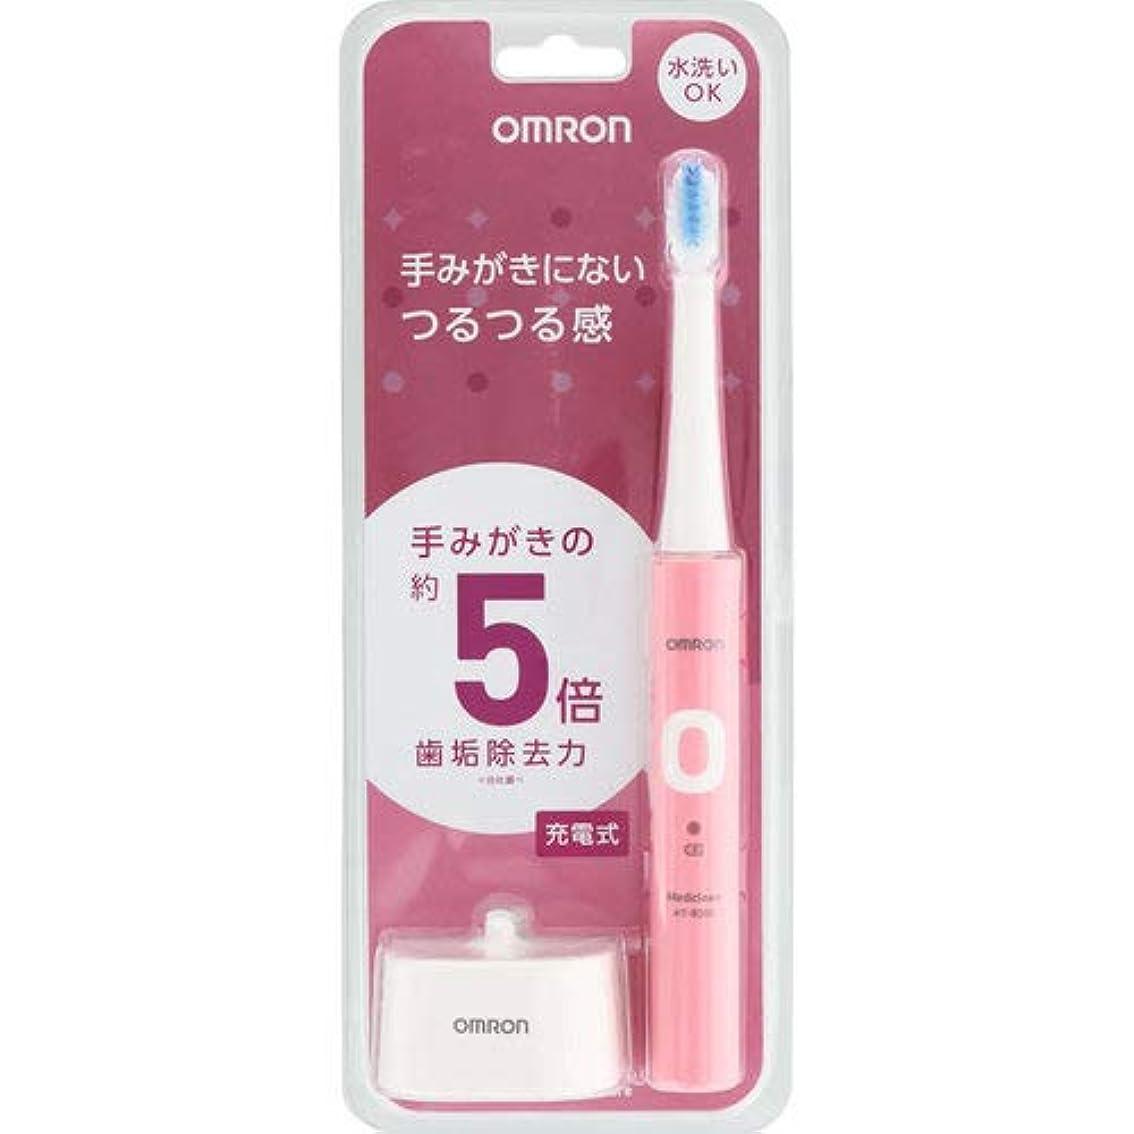 慢な疲労サンダーオムロン 電動歯ブラシ HT-B303-PK ピンク 充電式